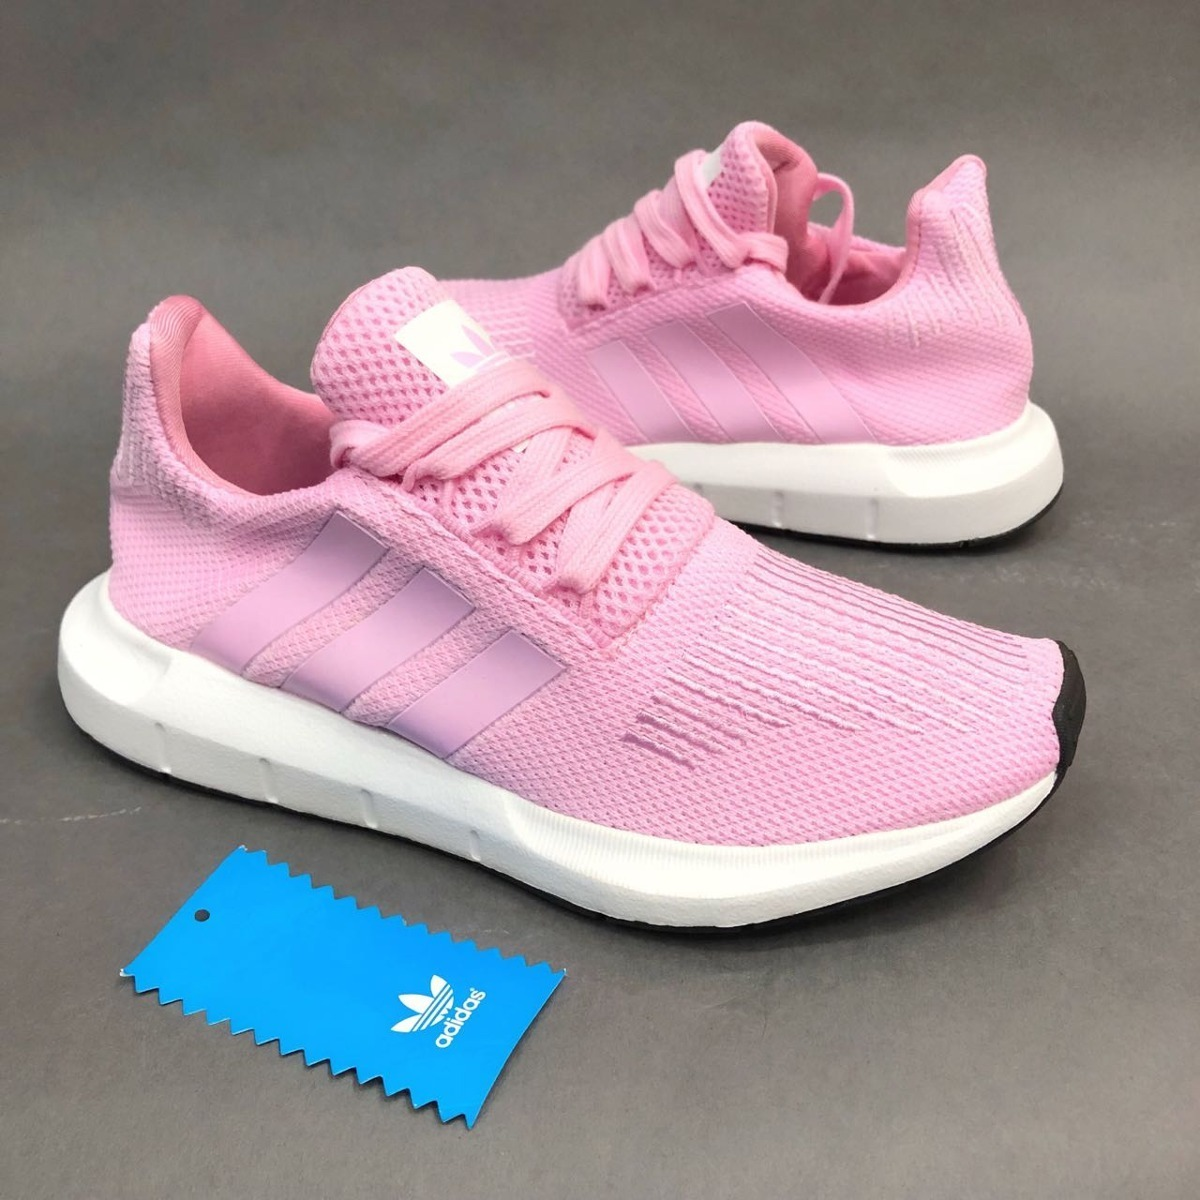 51fb070c612f9 zapatos adidas para mujer baratas - Descuentos de hasta el OFF53%